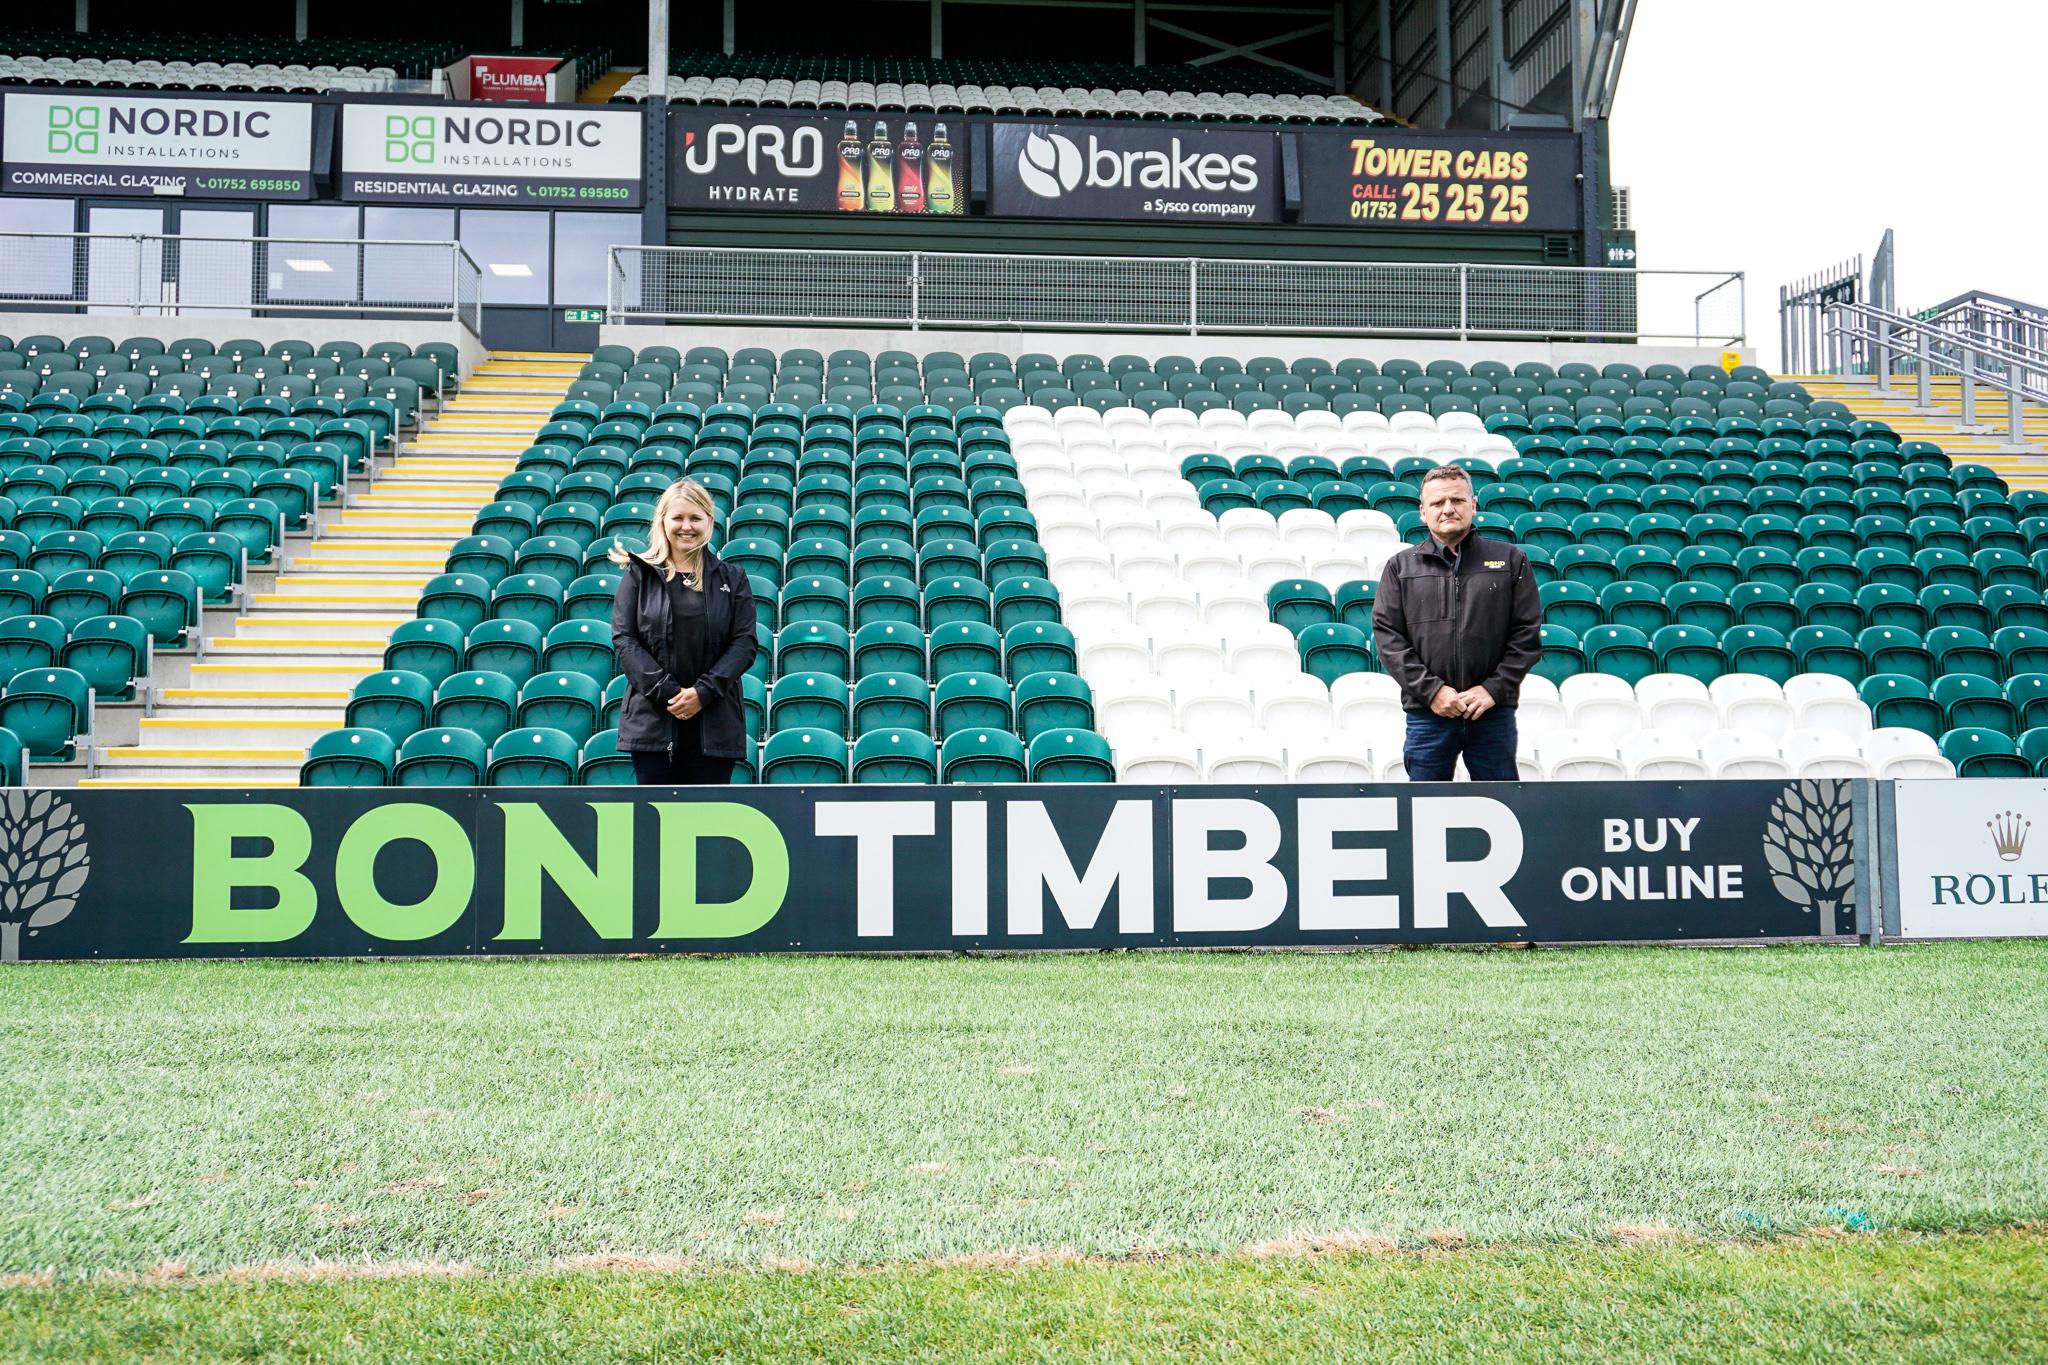 Bond Timber at Home Park Stadium